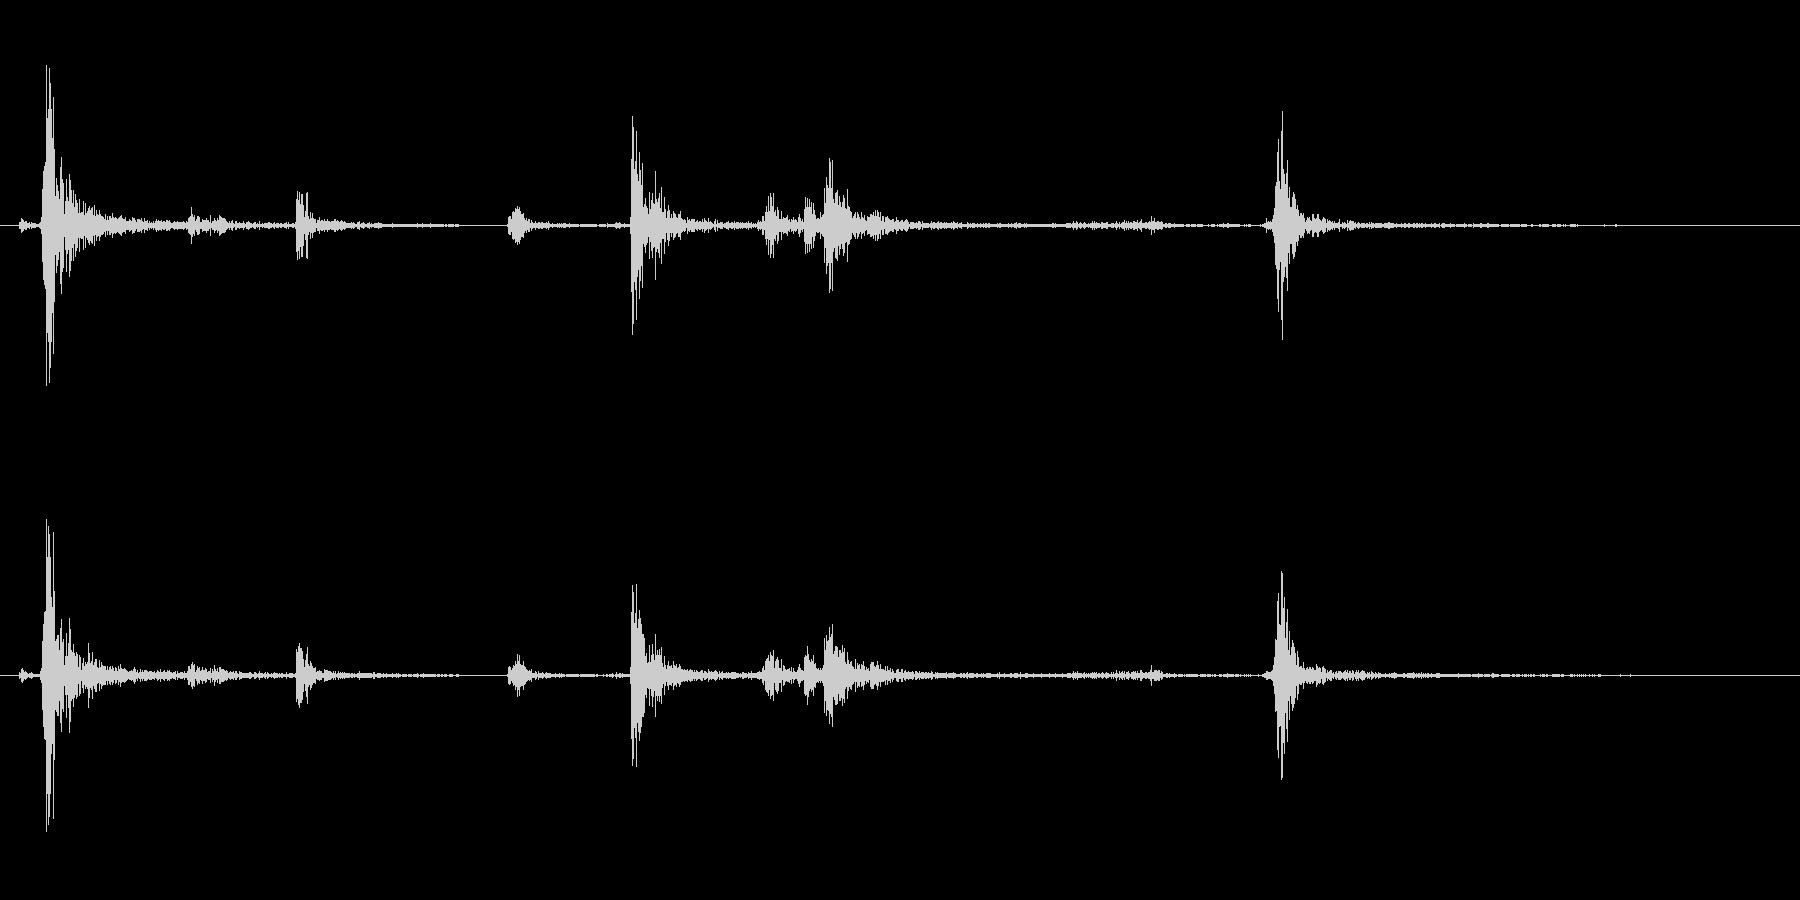 【生録音】パッケージ 開封音 8の未再生の波形